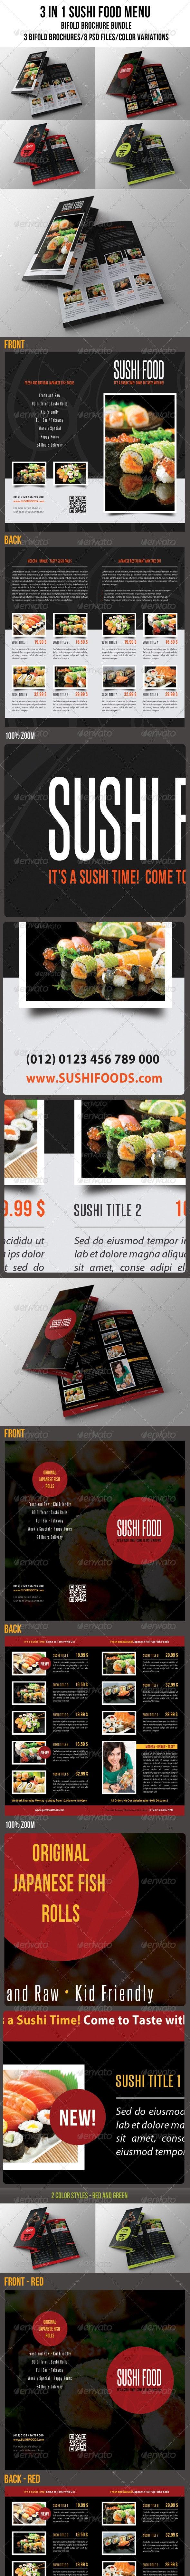 3 in 1 Sushi Food Menu BiFold Brochure Bundle 01 - Food Menus Print Templates